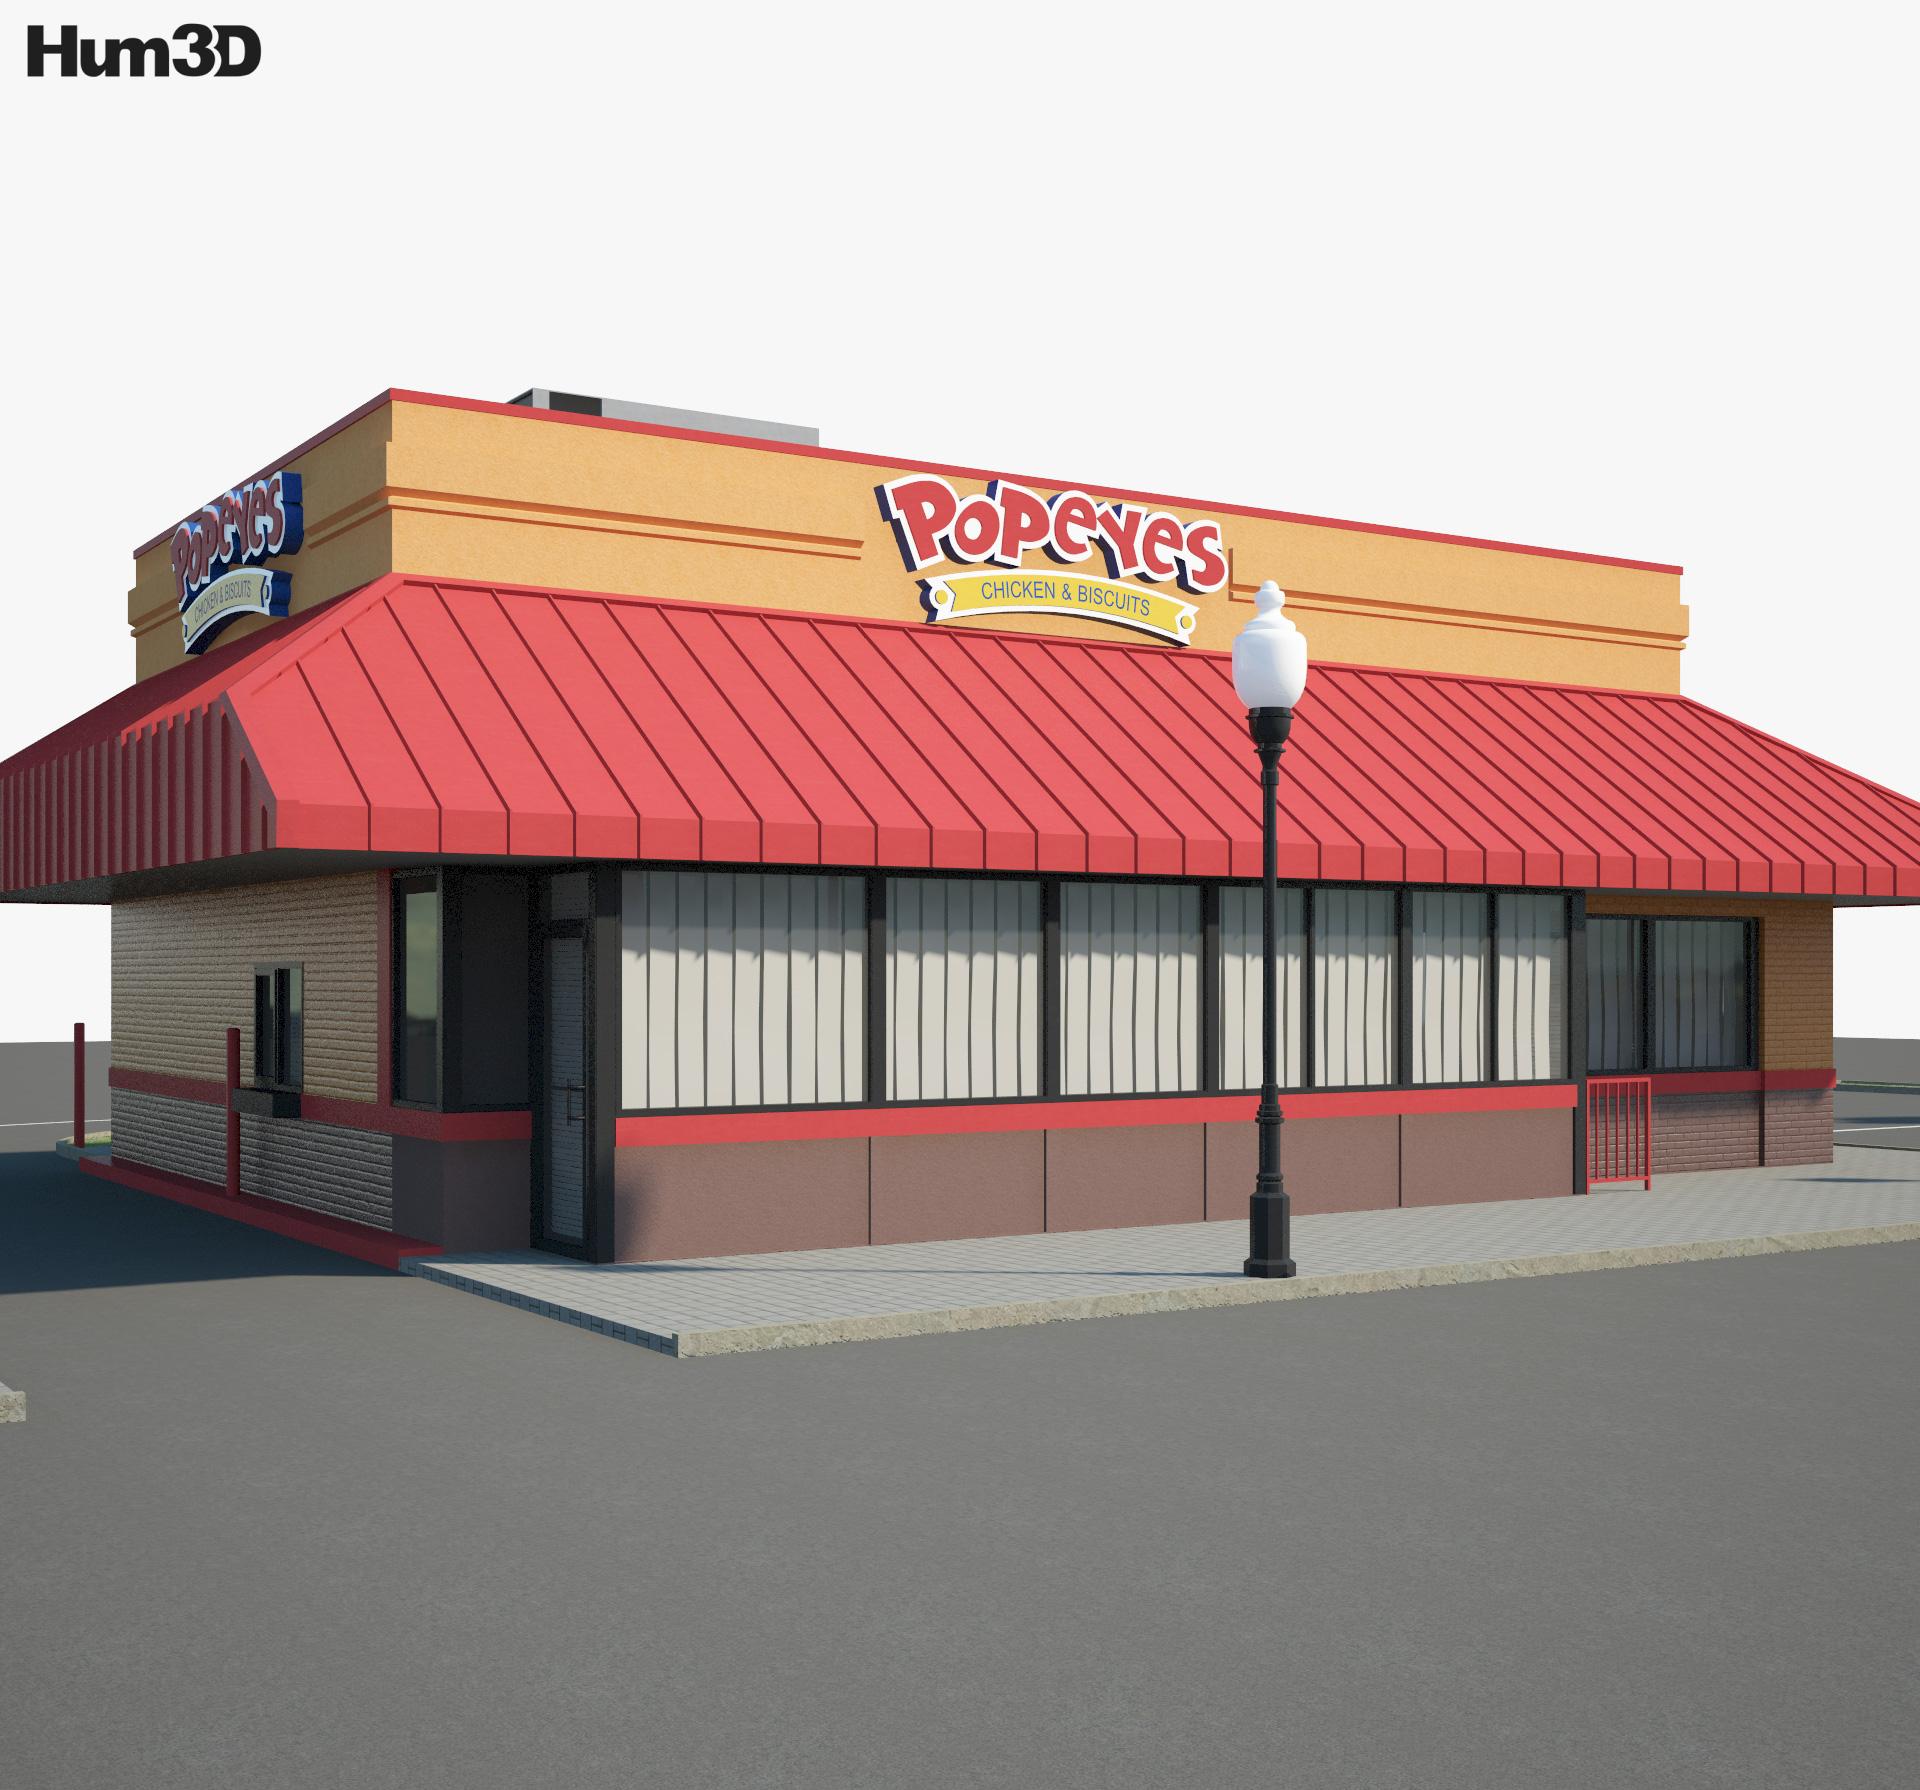 Popeyes Luisiana Kitchen 02 3d model